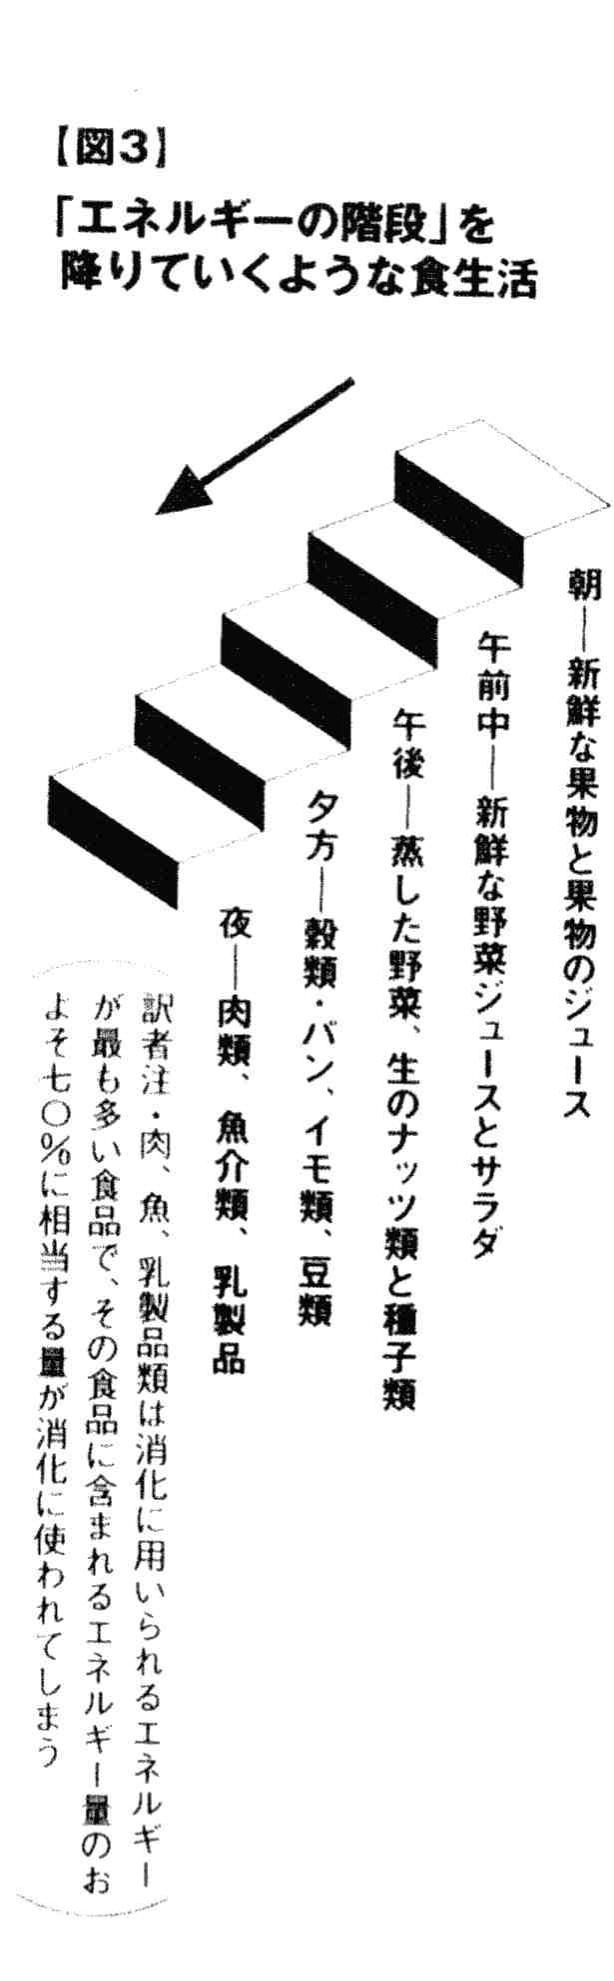 20080801105629.JPG